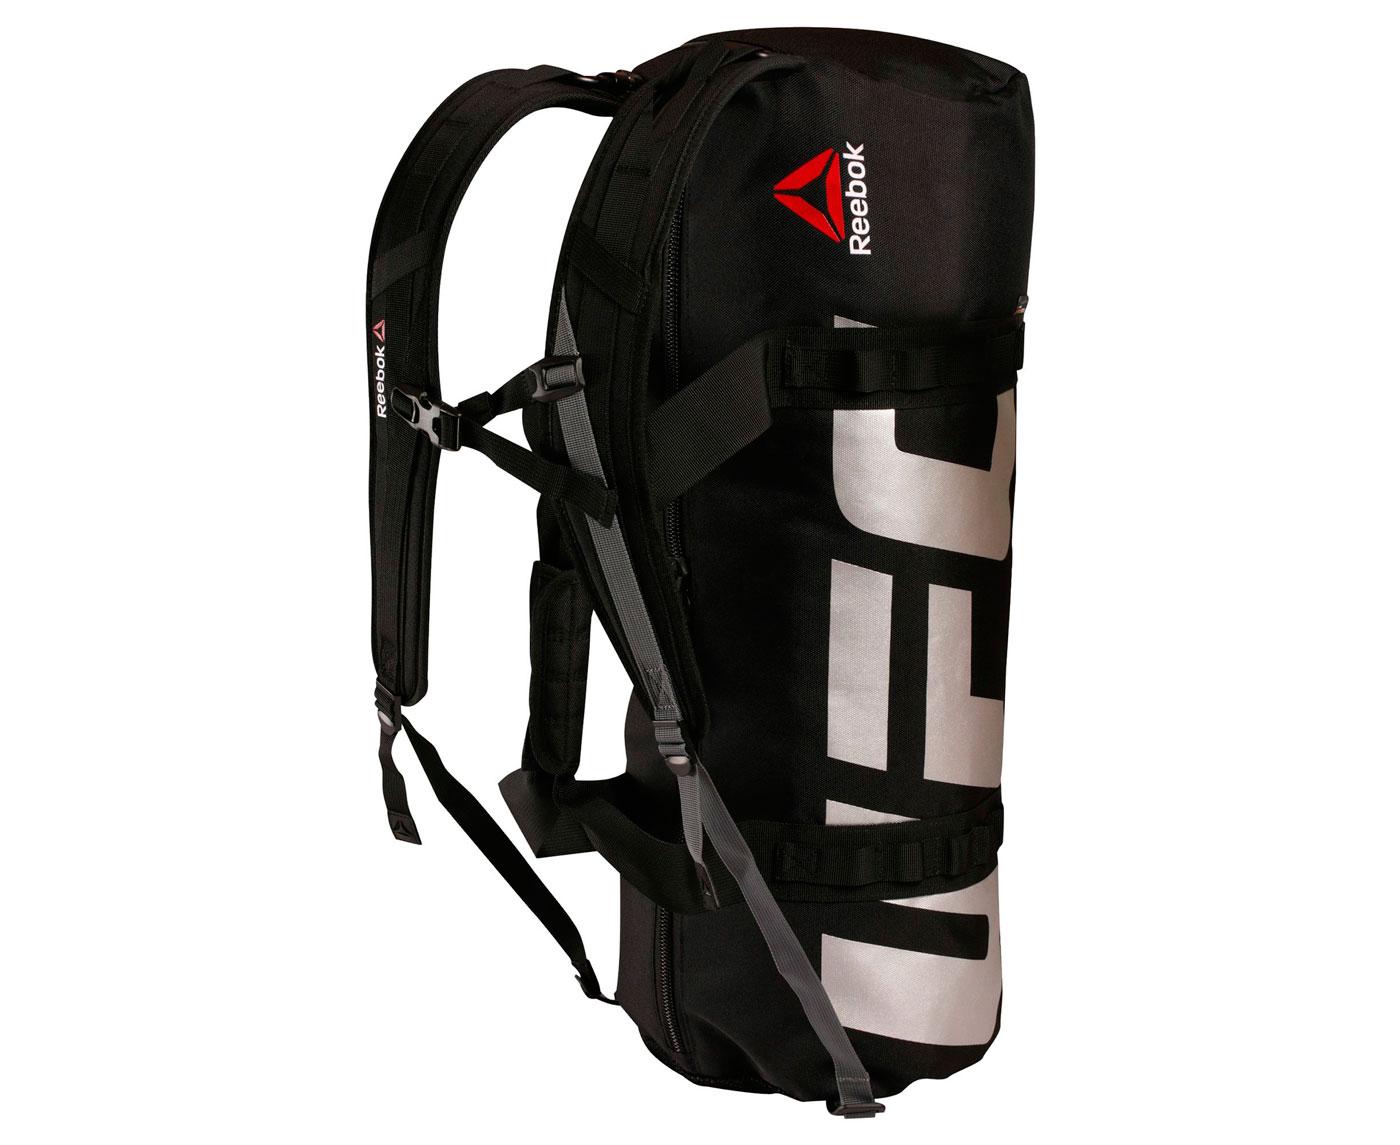 Купить Сумка-рюкзак UFC Fan Grip Bag черная B32649 🚩 в интернет ... 6a87432541cc6